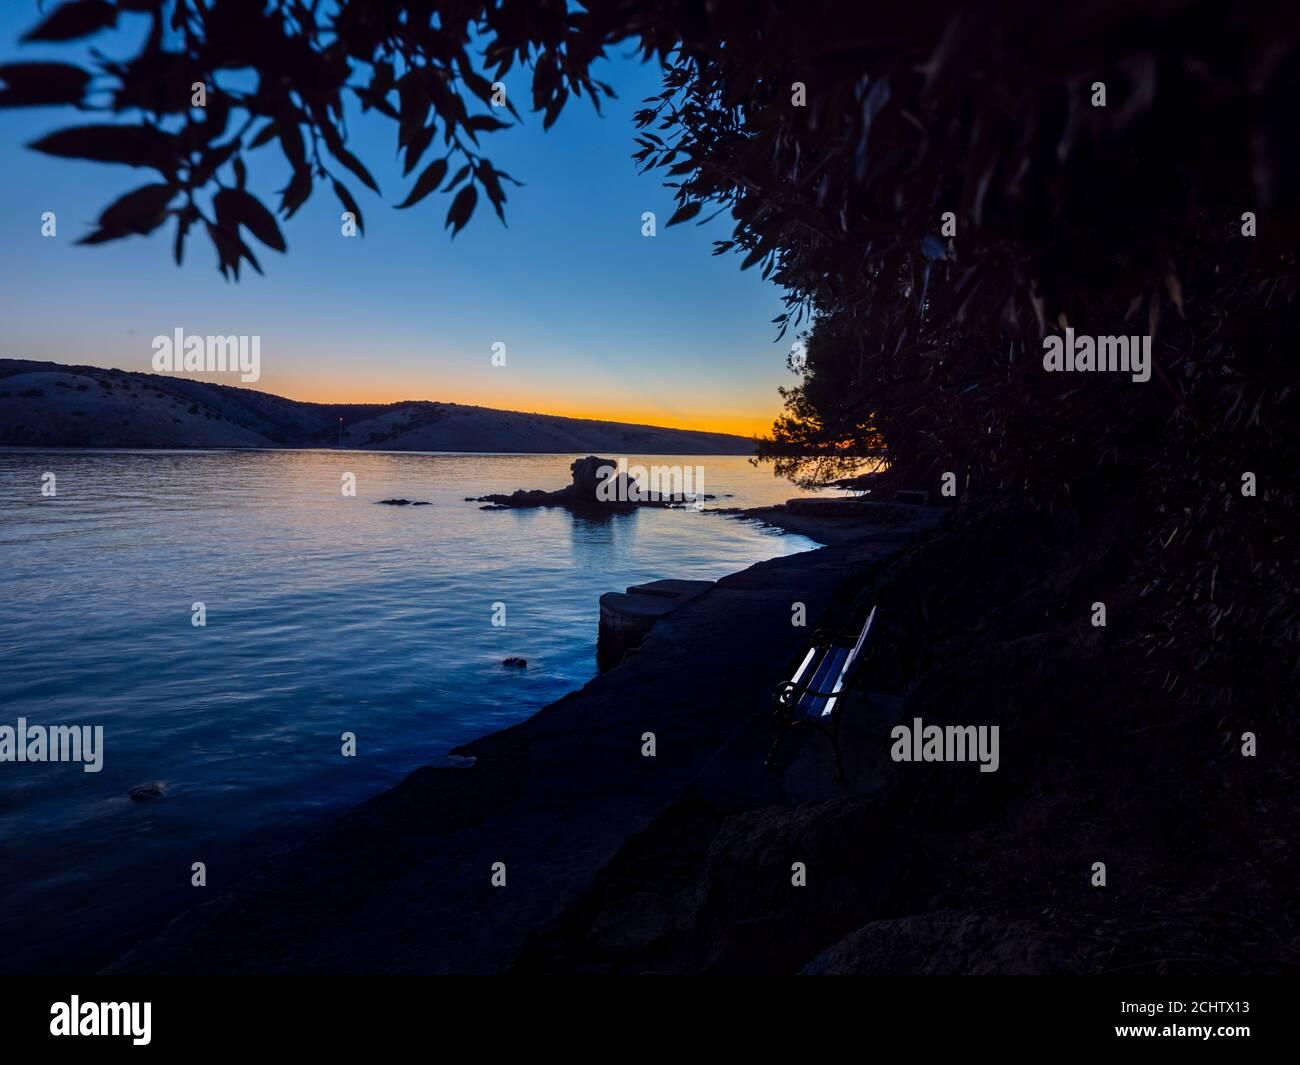 Famosa roca piedra punto de referencia y paseo en Lopar en Rab isla Croacia Europa pintoresca tranquilidad tranquila panorámica atmósfera zen atardecer por la noche Foto de stock